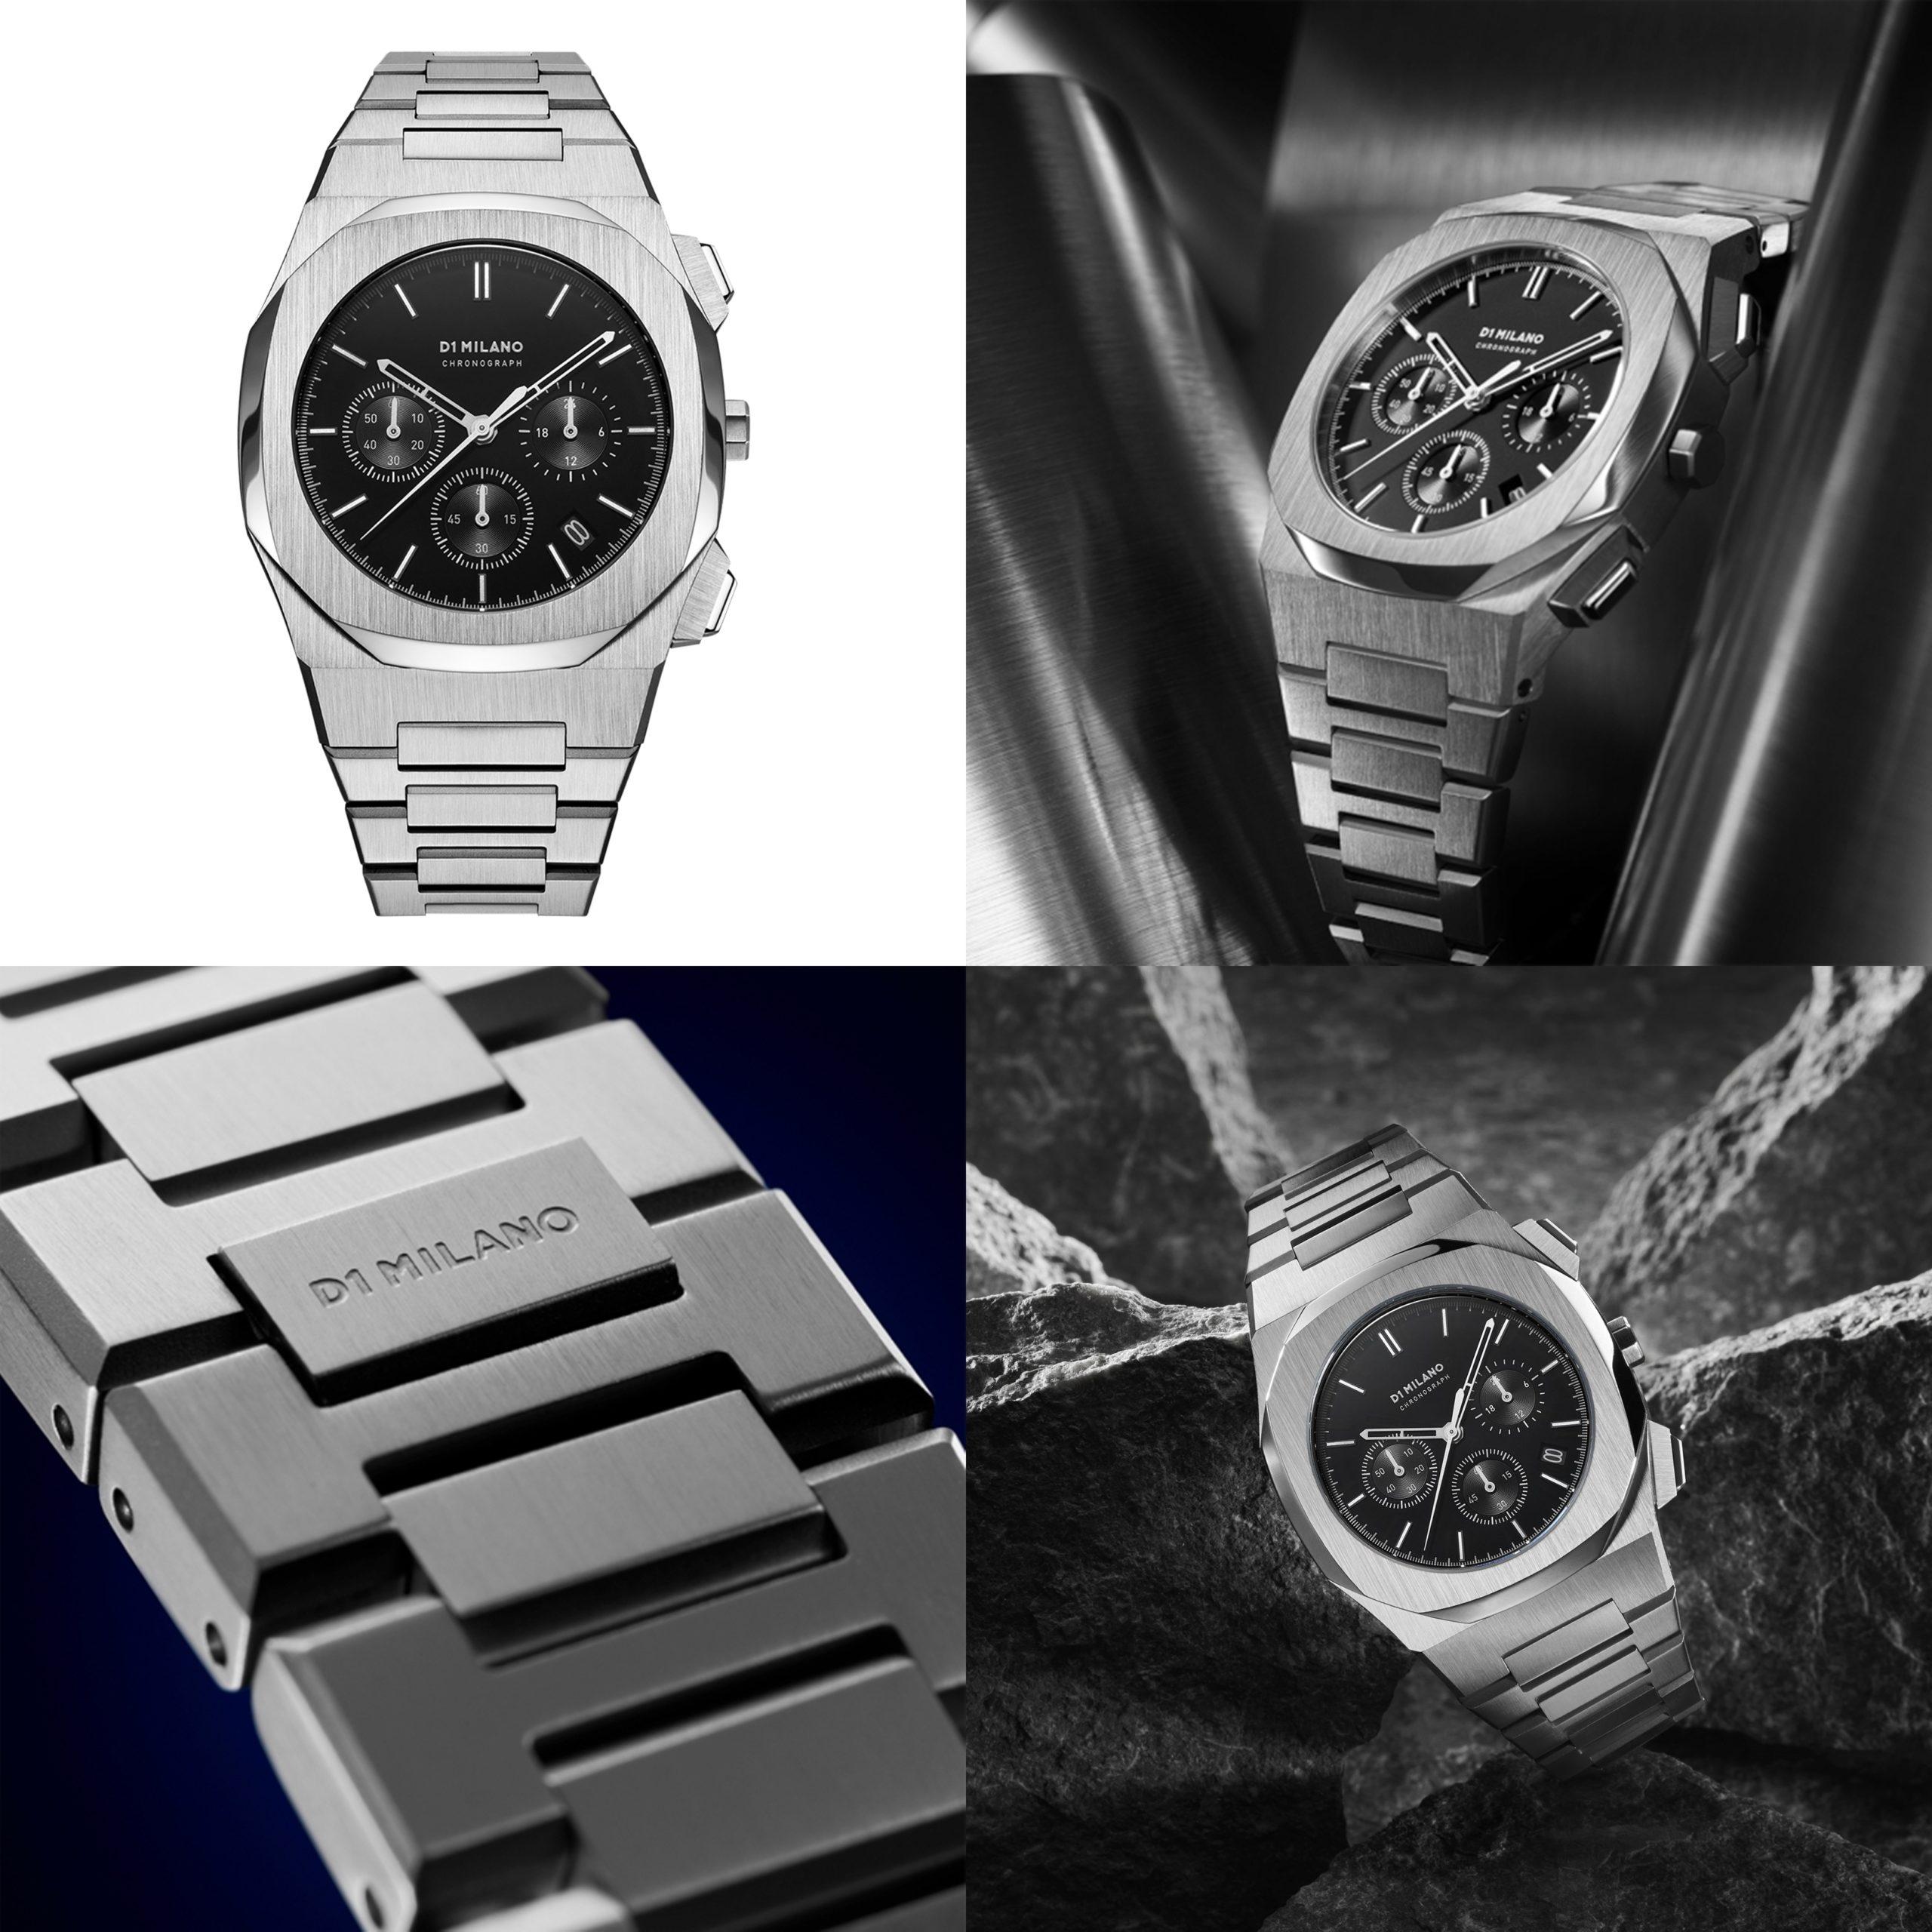 D1 MILANO ディーワンミラノ D1 MILANO Chronograph Black with Stainless Steel Bracelet 商品番号 chbj01